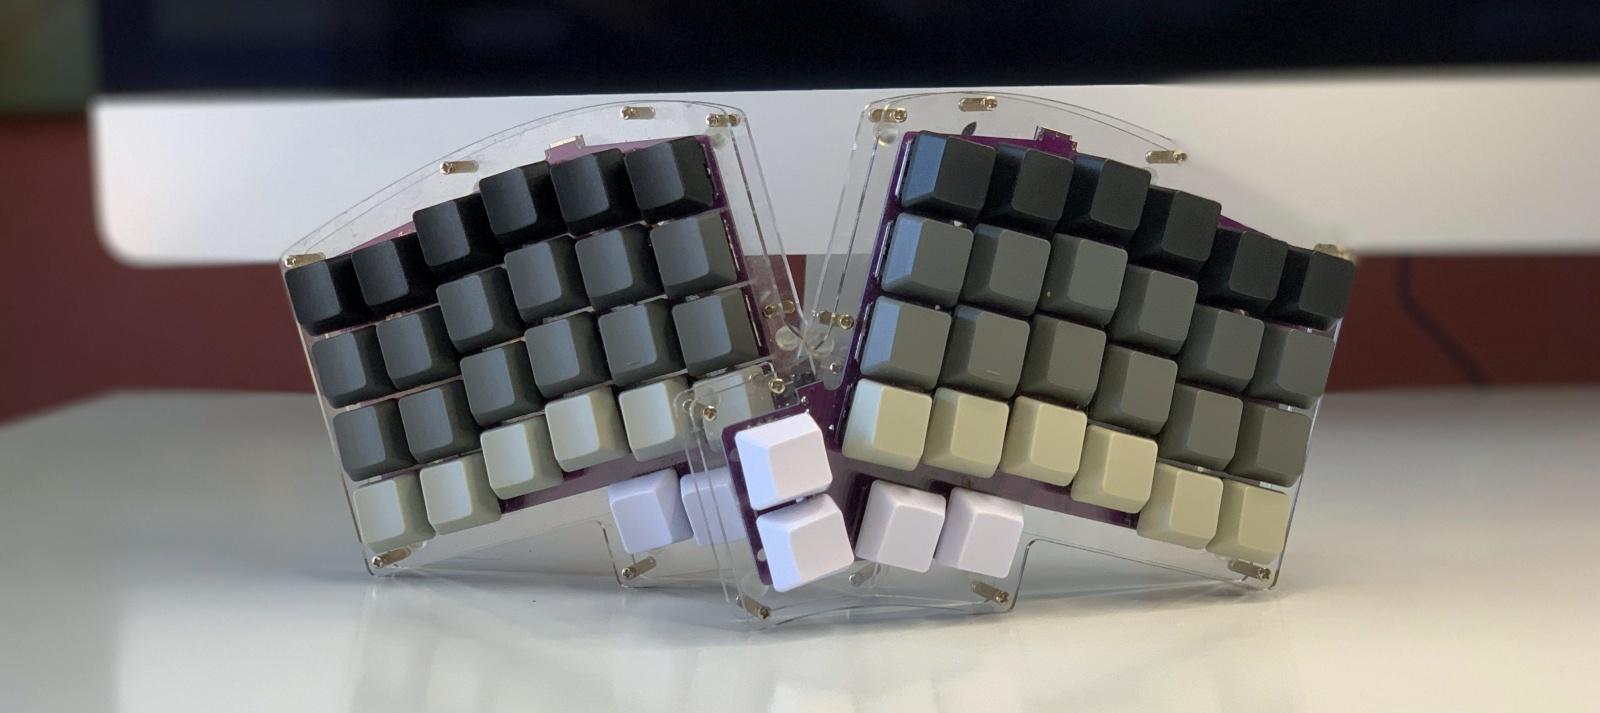 Ортолинейная сплит клавиатура — это что такое? Обзор Iris Keyboard - 15